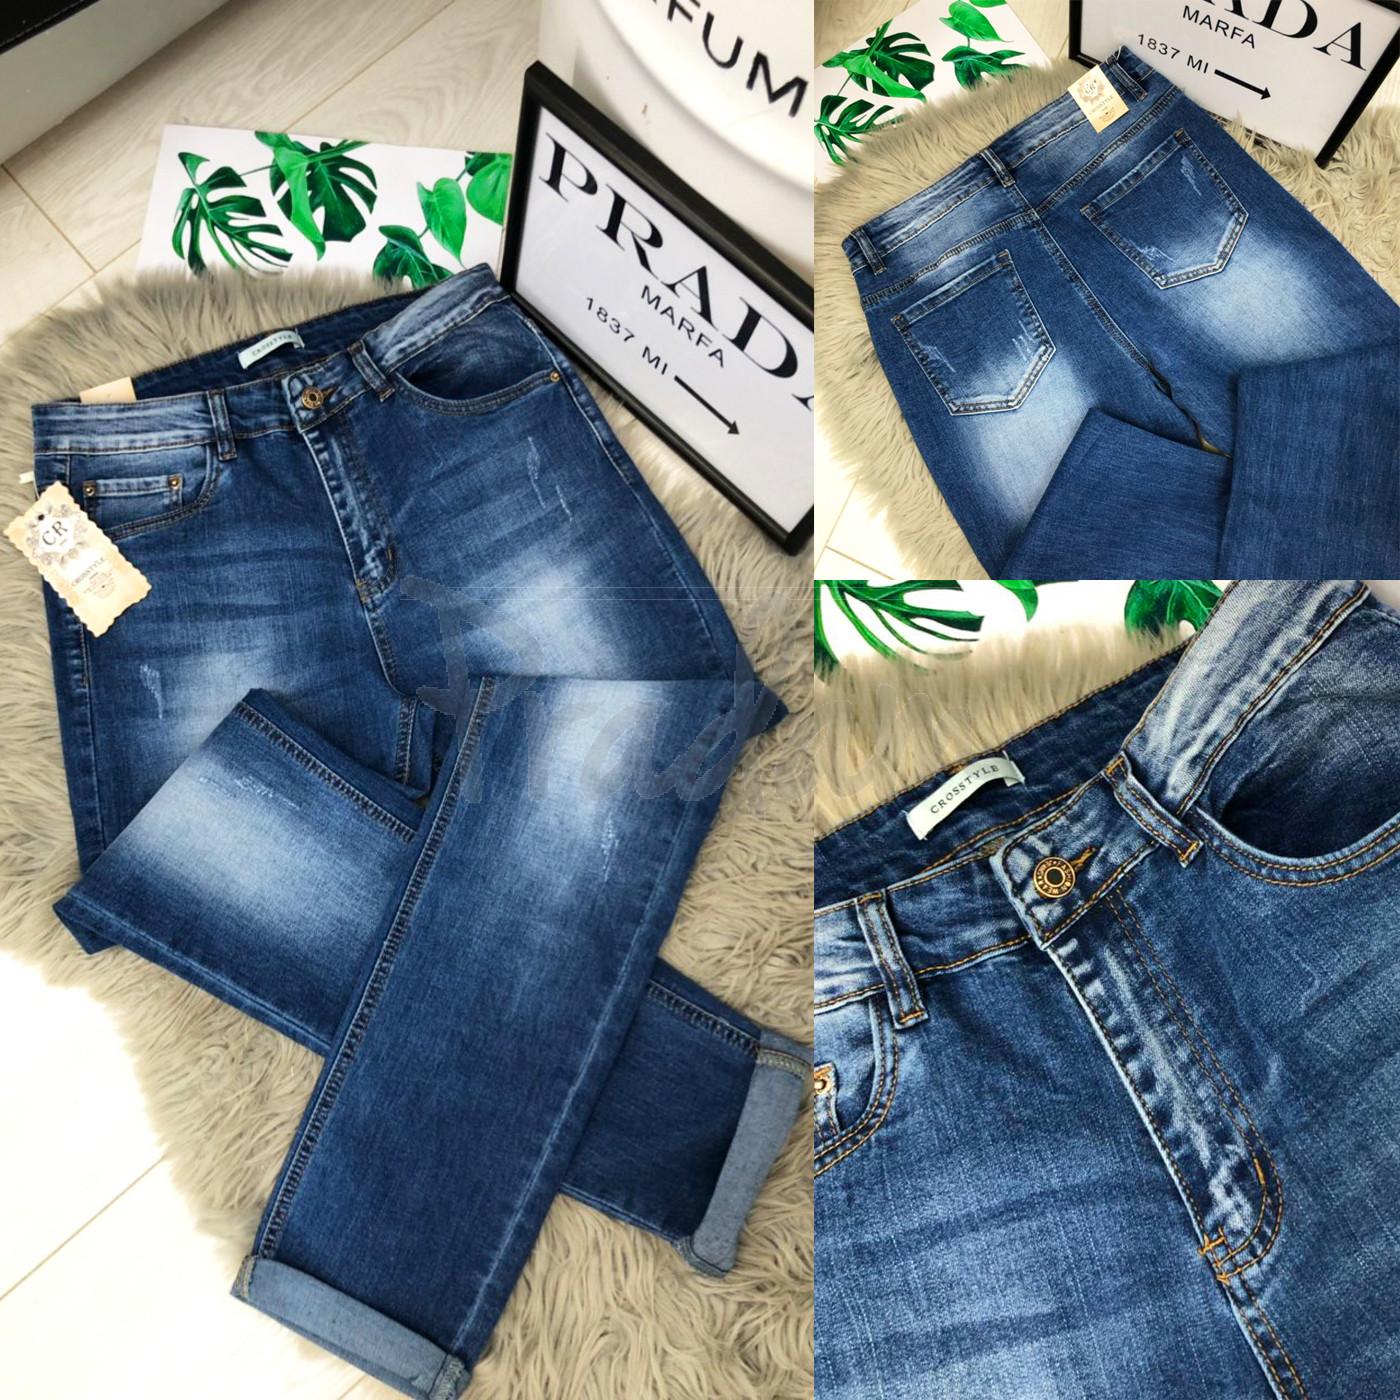 2536 Crosstyle джинсы женские батальные с царапками весенние стрейчевые (32-42, 6 ед.)